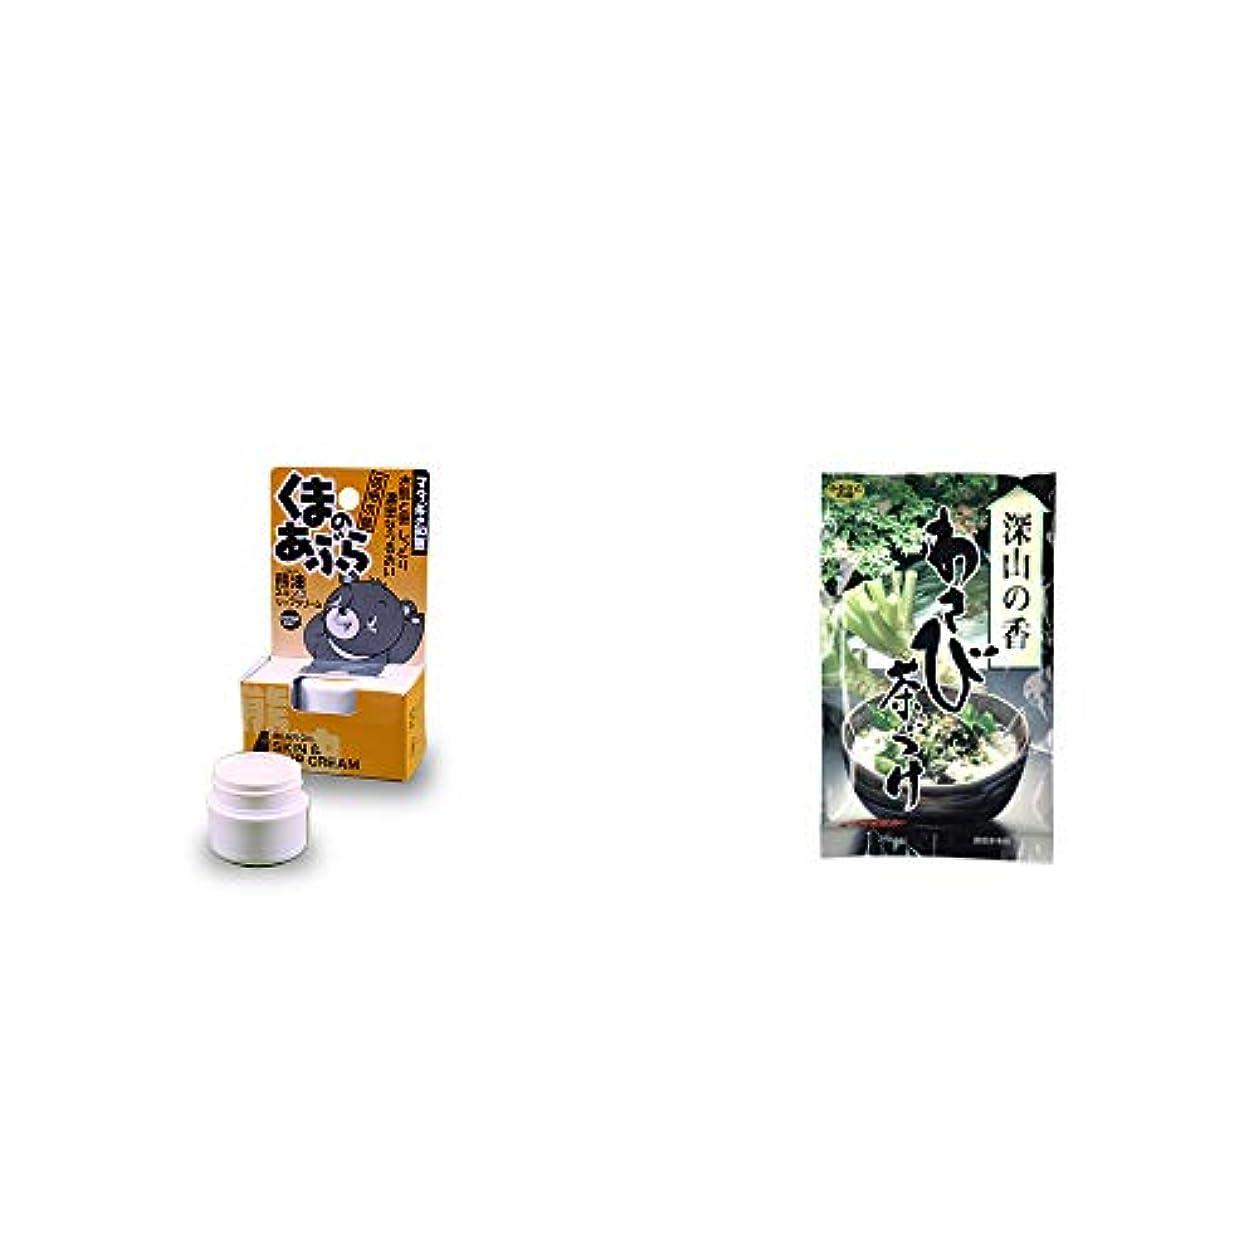 怒る批判的食料品店[2点セット] 信州木曽 くまのあぶら 熊油スキン&リップクリーム(9g)?特選茶漬け 深山の香 わさび茶づけ(10袋入)